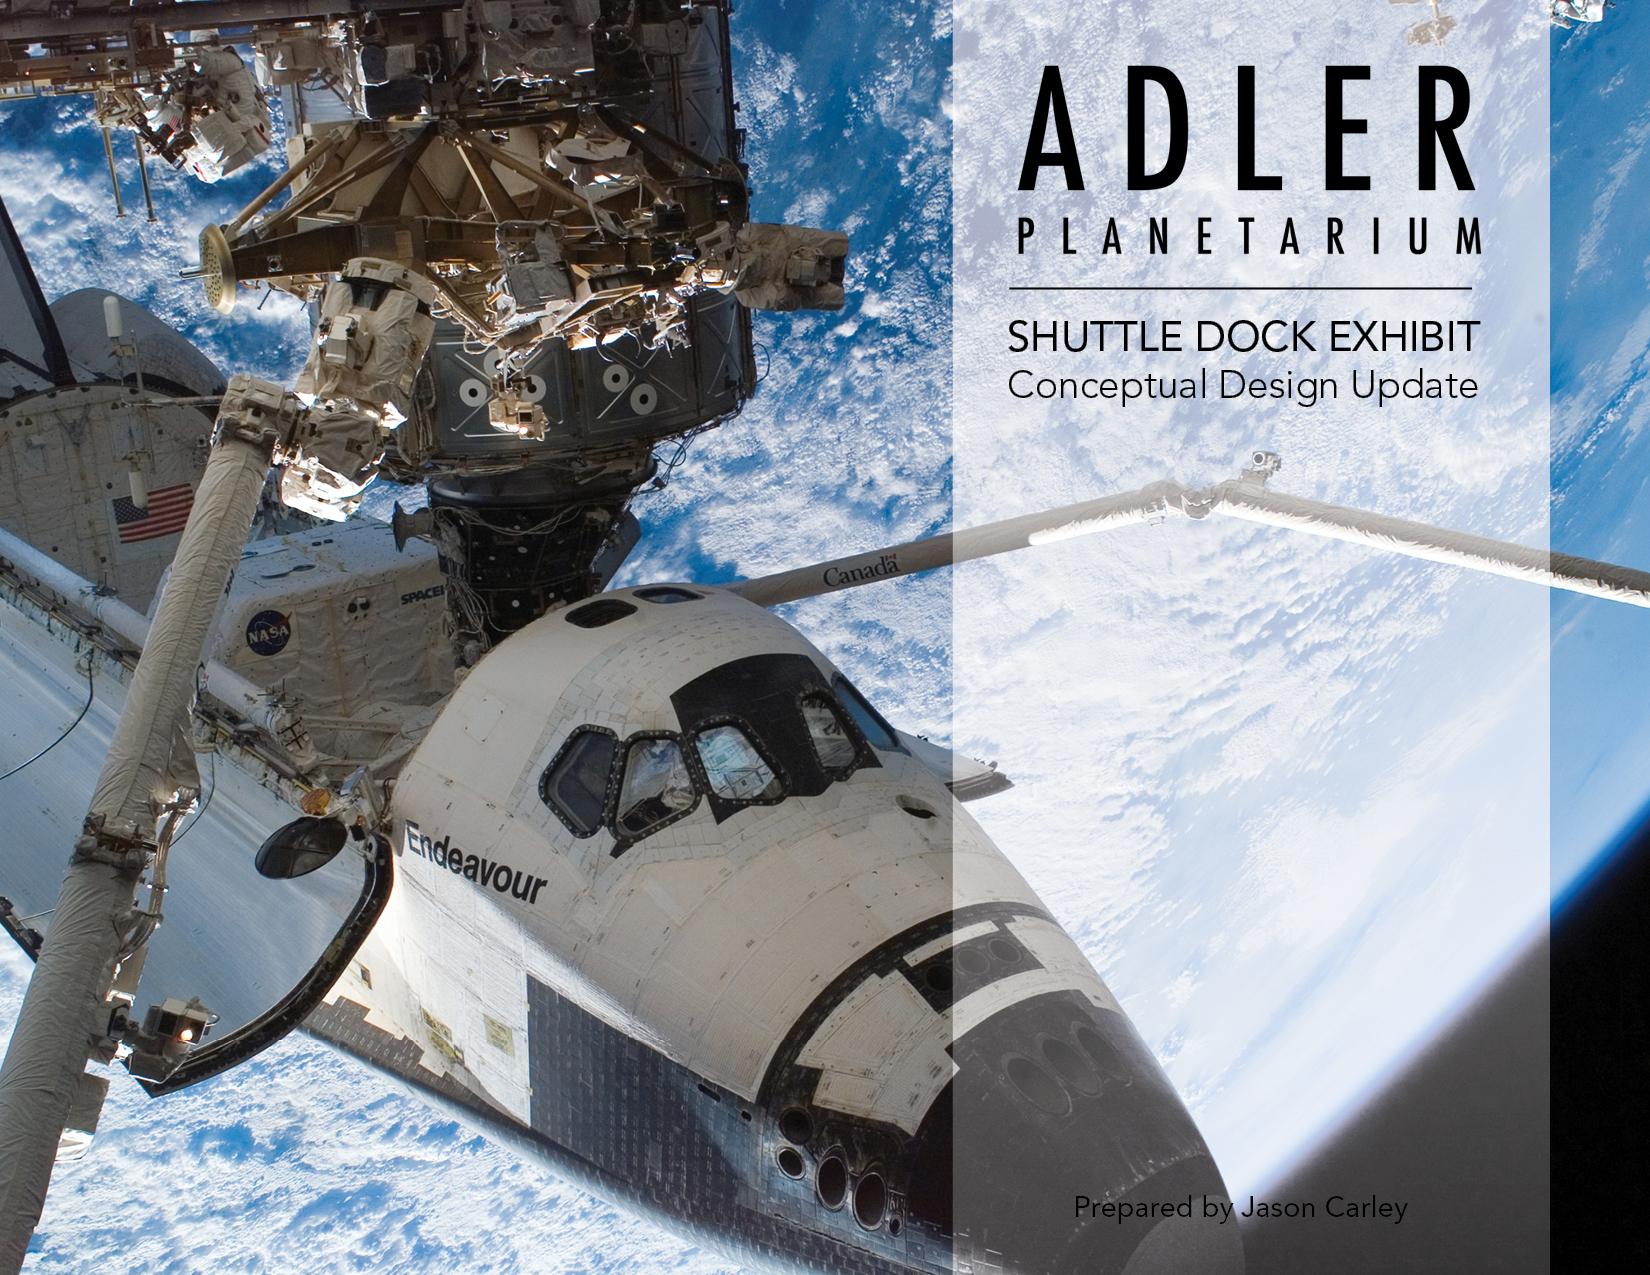 20130709_Adler_Shuttle-Dock_Update_v1_1.jpg